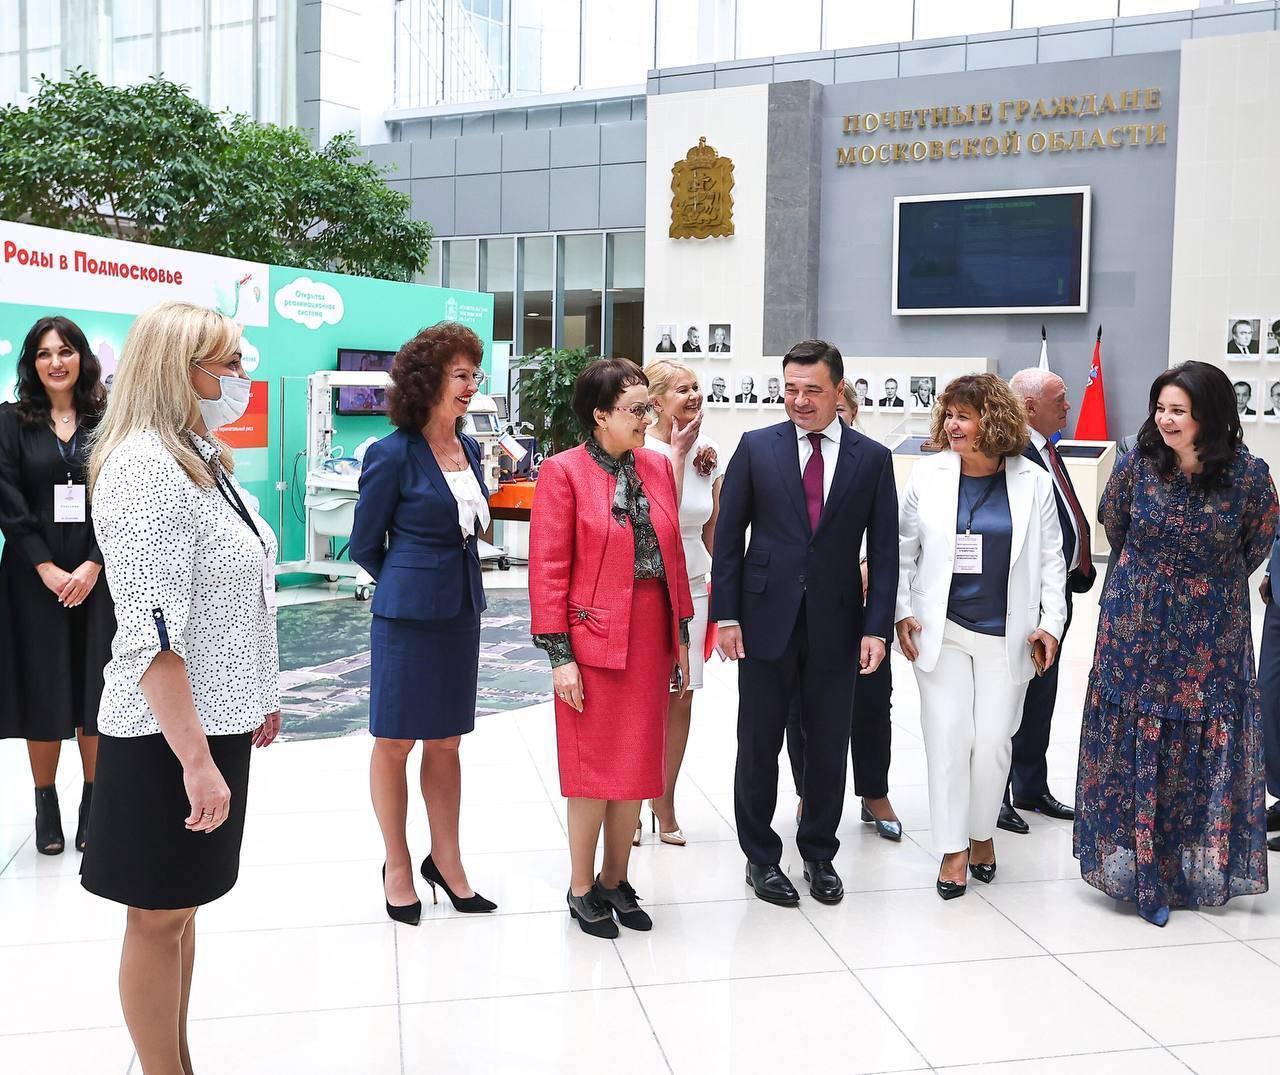 Около 150 ведущих специалистов приняли участие в съезде детских врачей в Подмосковье | Изображение 3